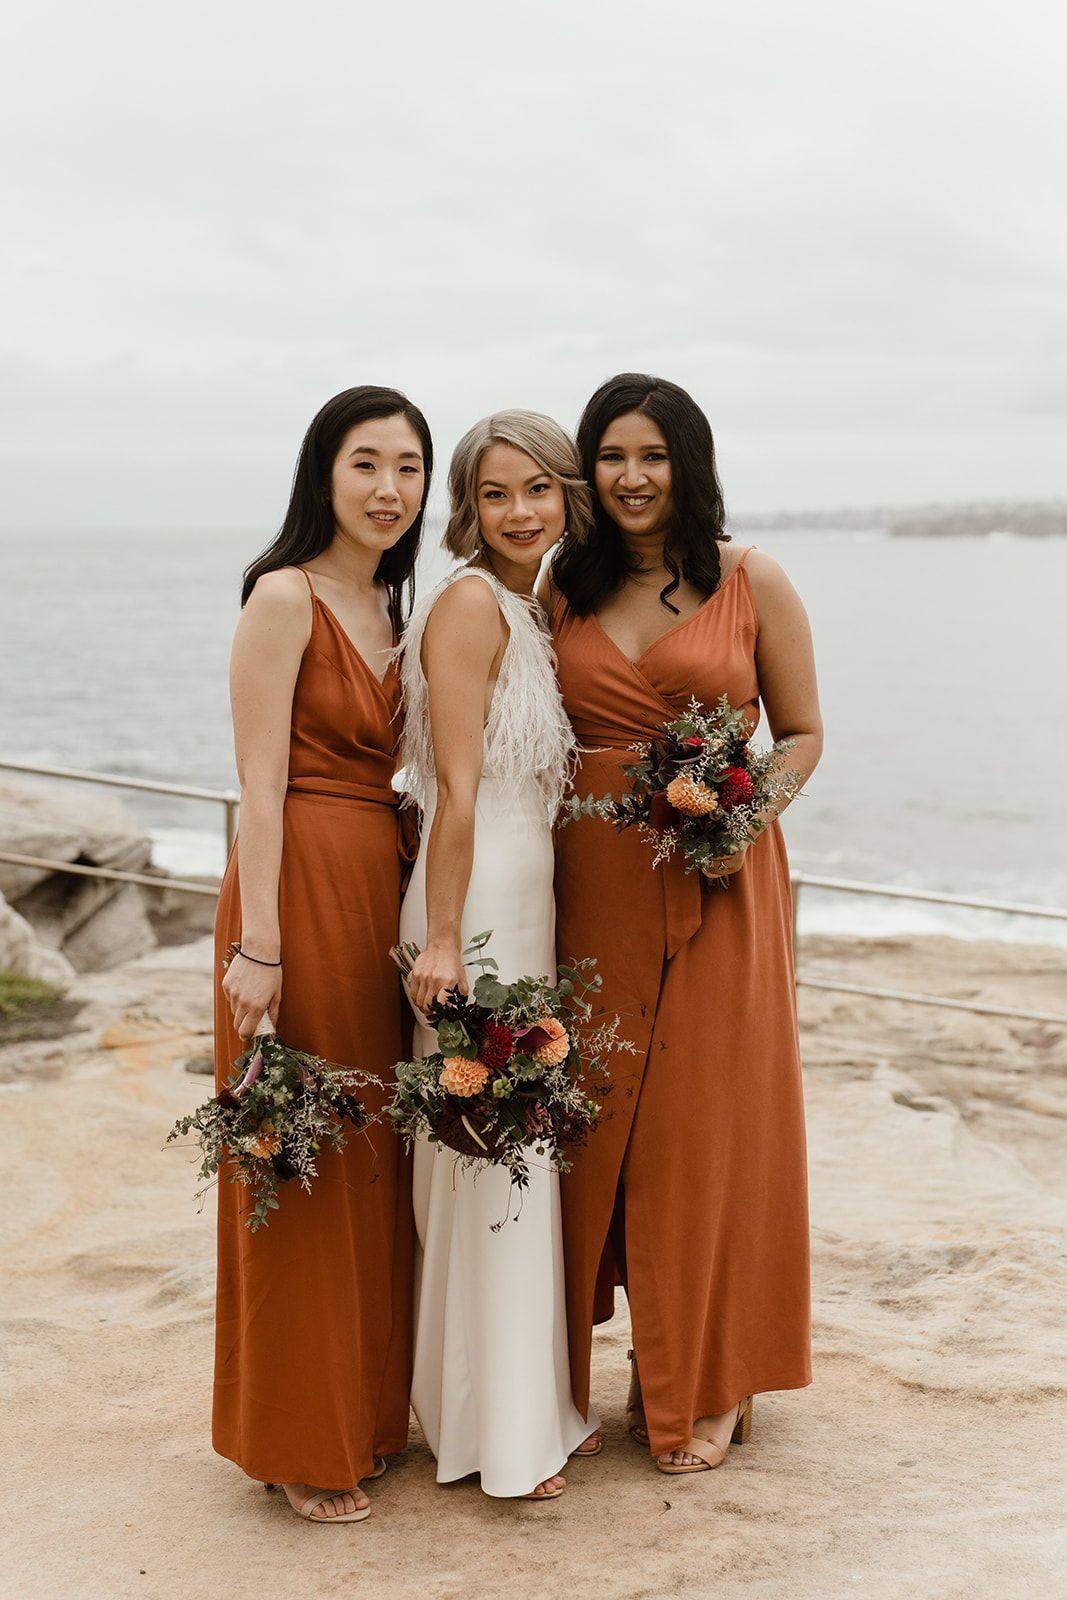 Johan Dasha Three Blue Ducks Wedding Kelly Jury Orange Bridesmaid Dresses Burnt Orange Bridesmaid Dresses New Wedding Dresses [ 1600 x 1067 Pixel ]